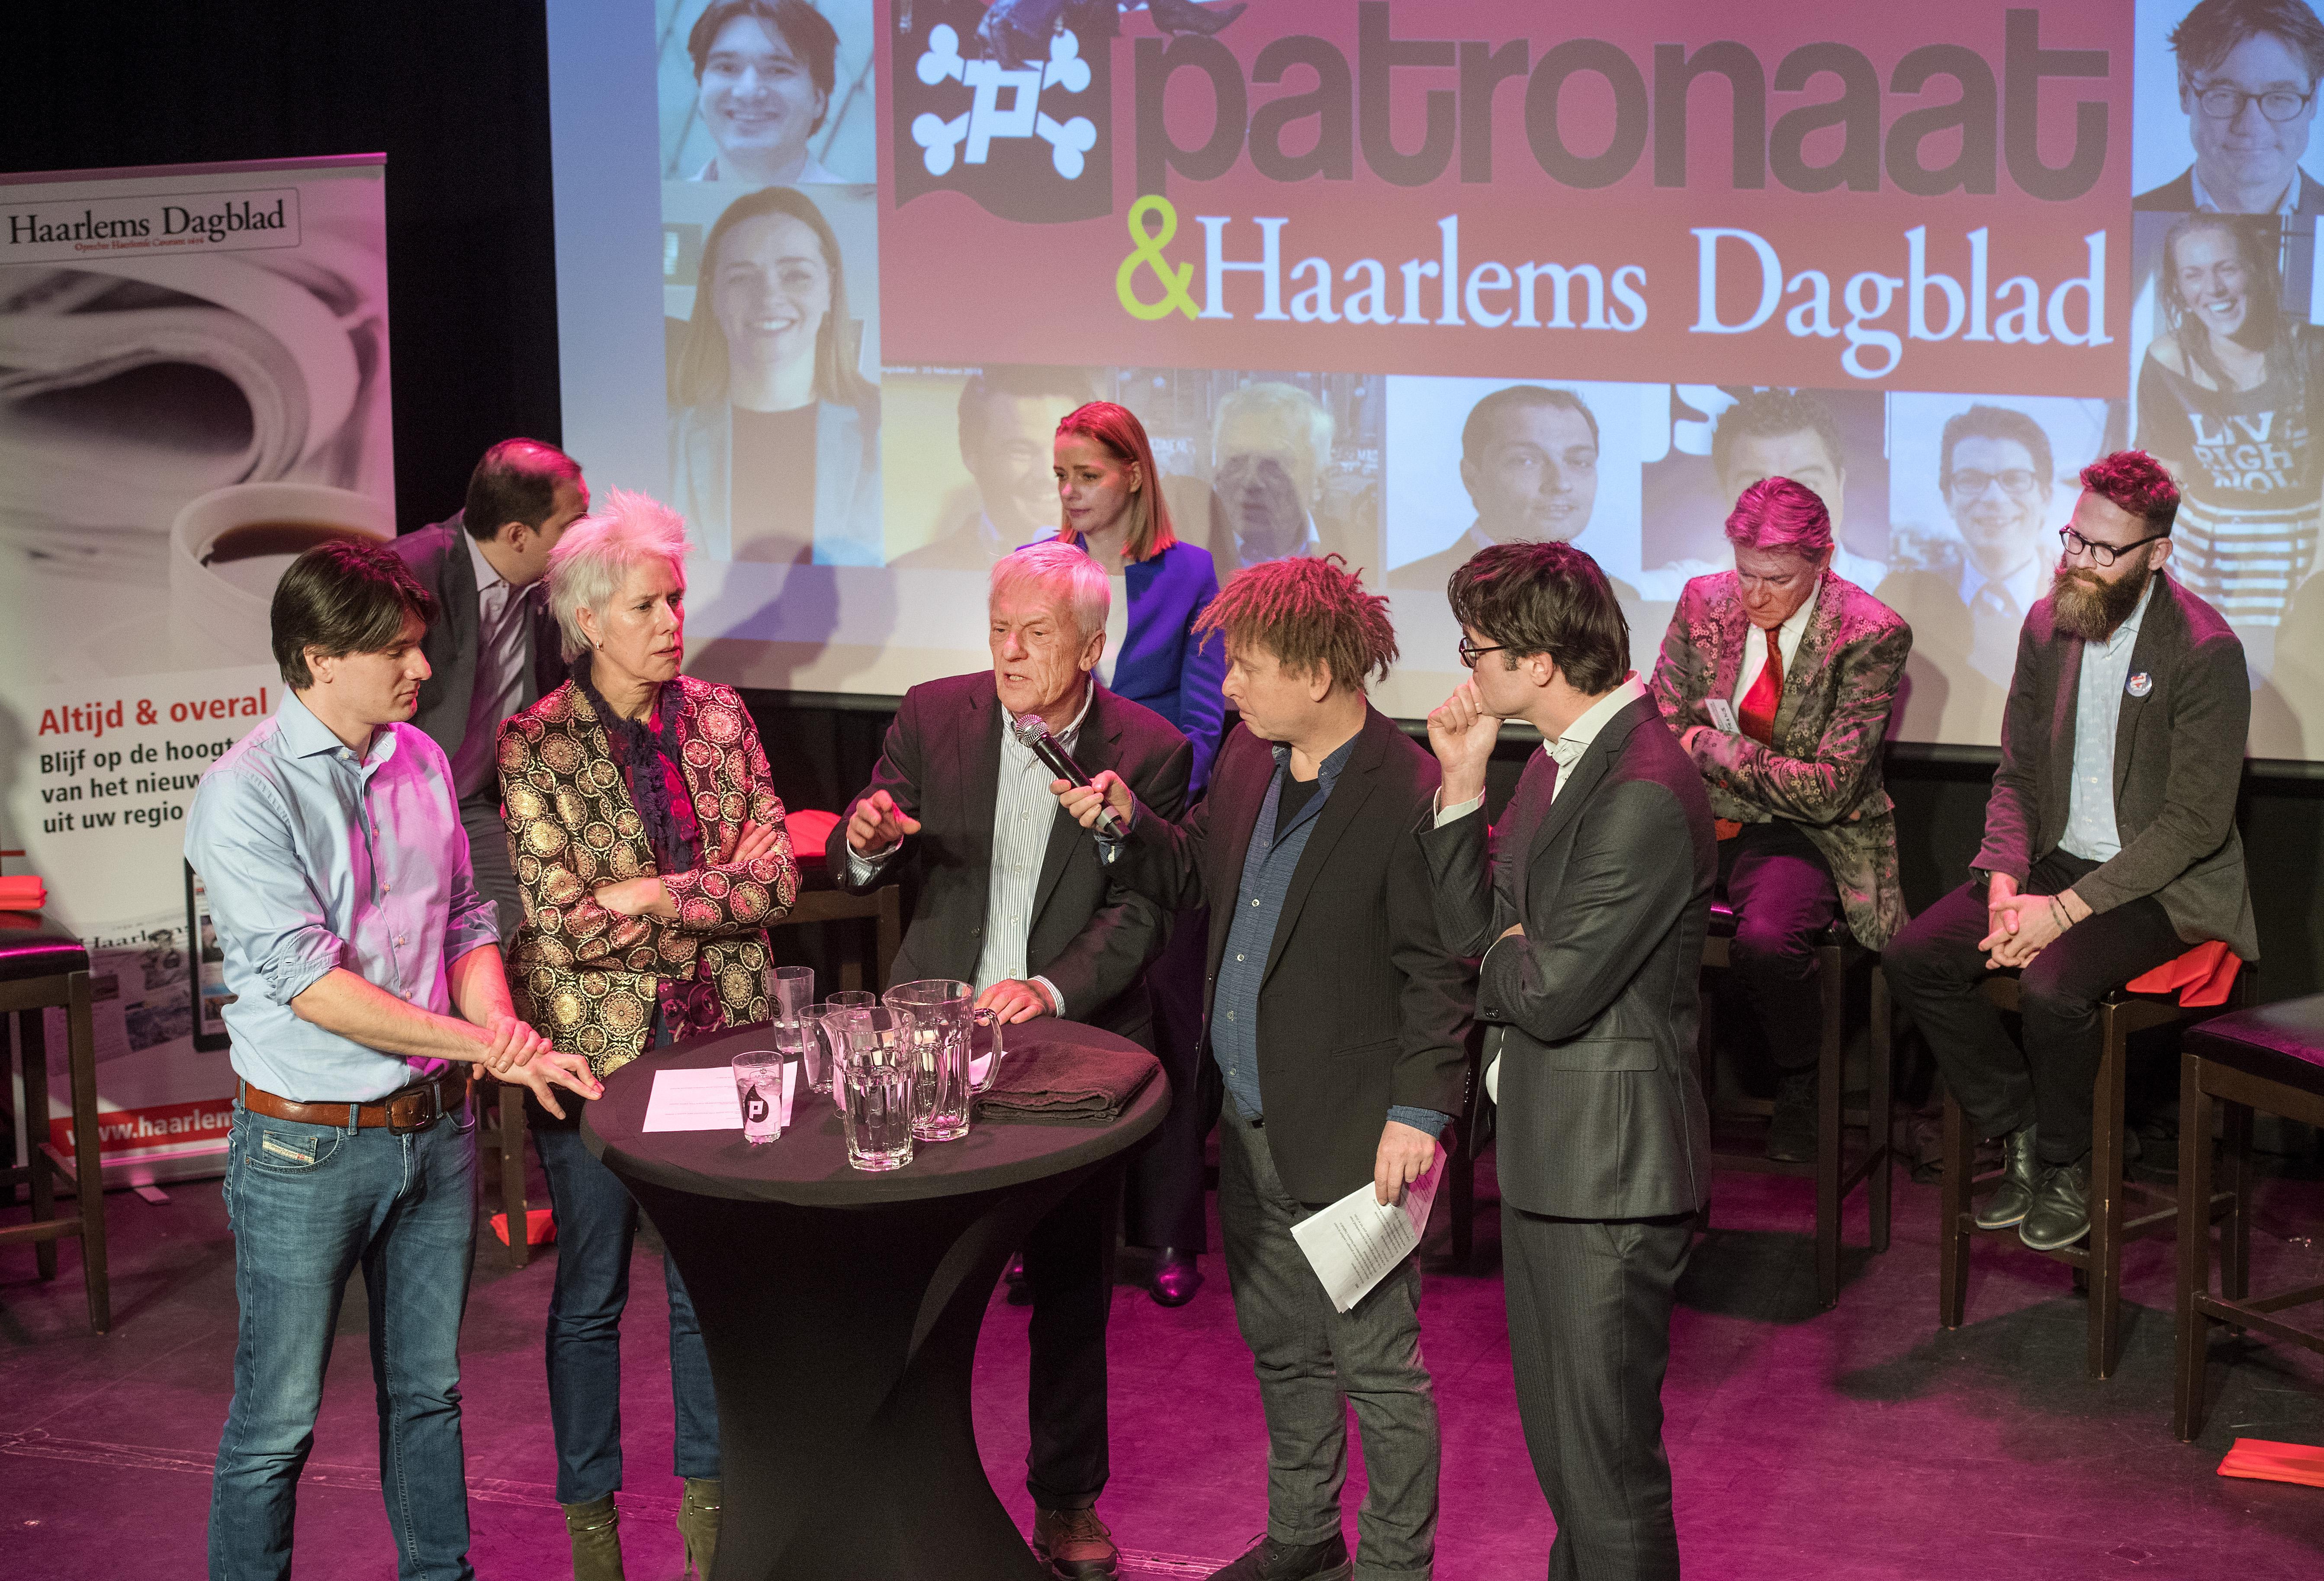 Volle bak bij verkiezingsdebat Haarlem: 'Laat burgers meebeslissen'